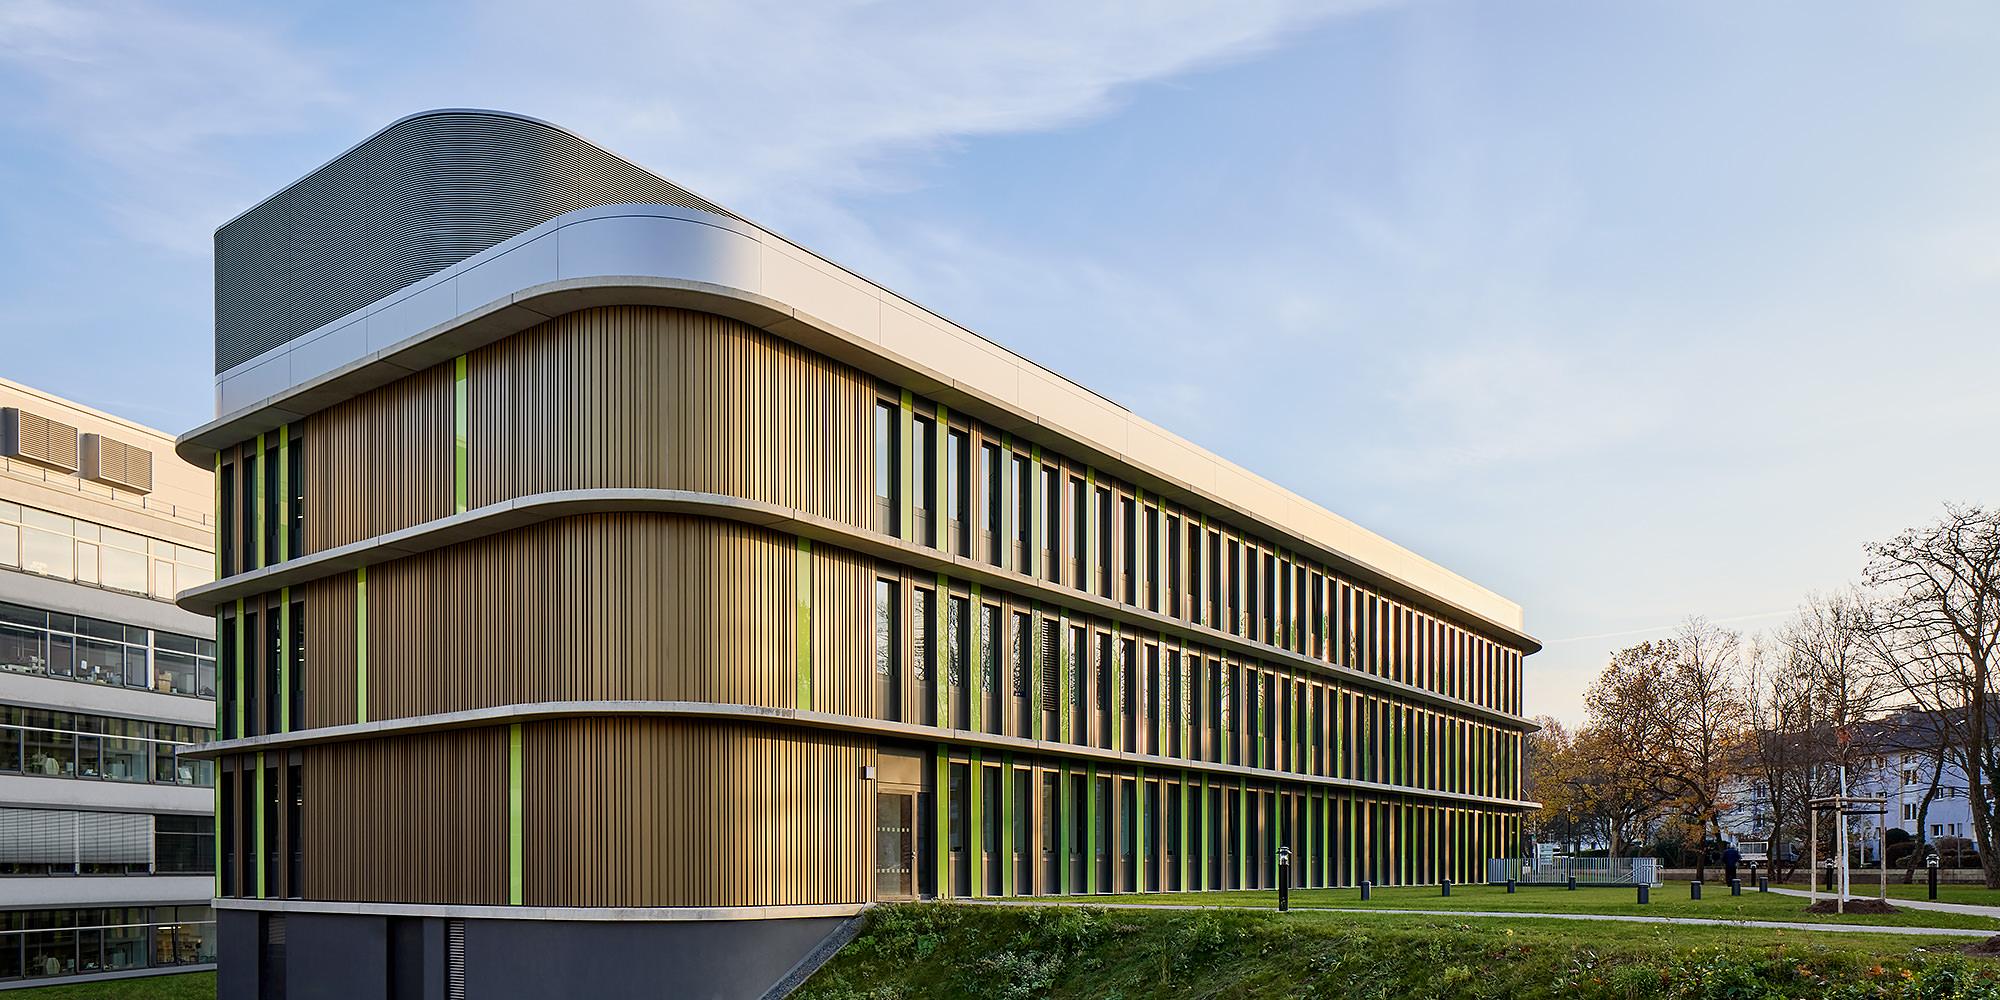 Biomedizinisches Zentrum II, Bonn @ Philip Kistner